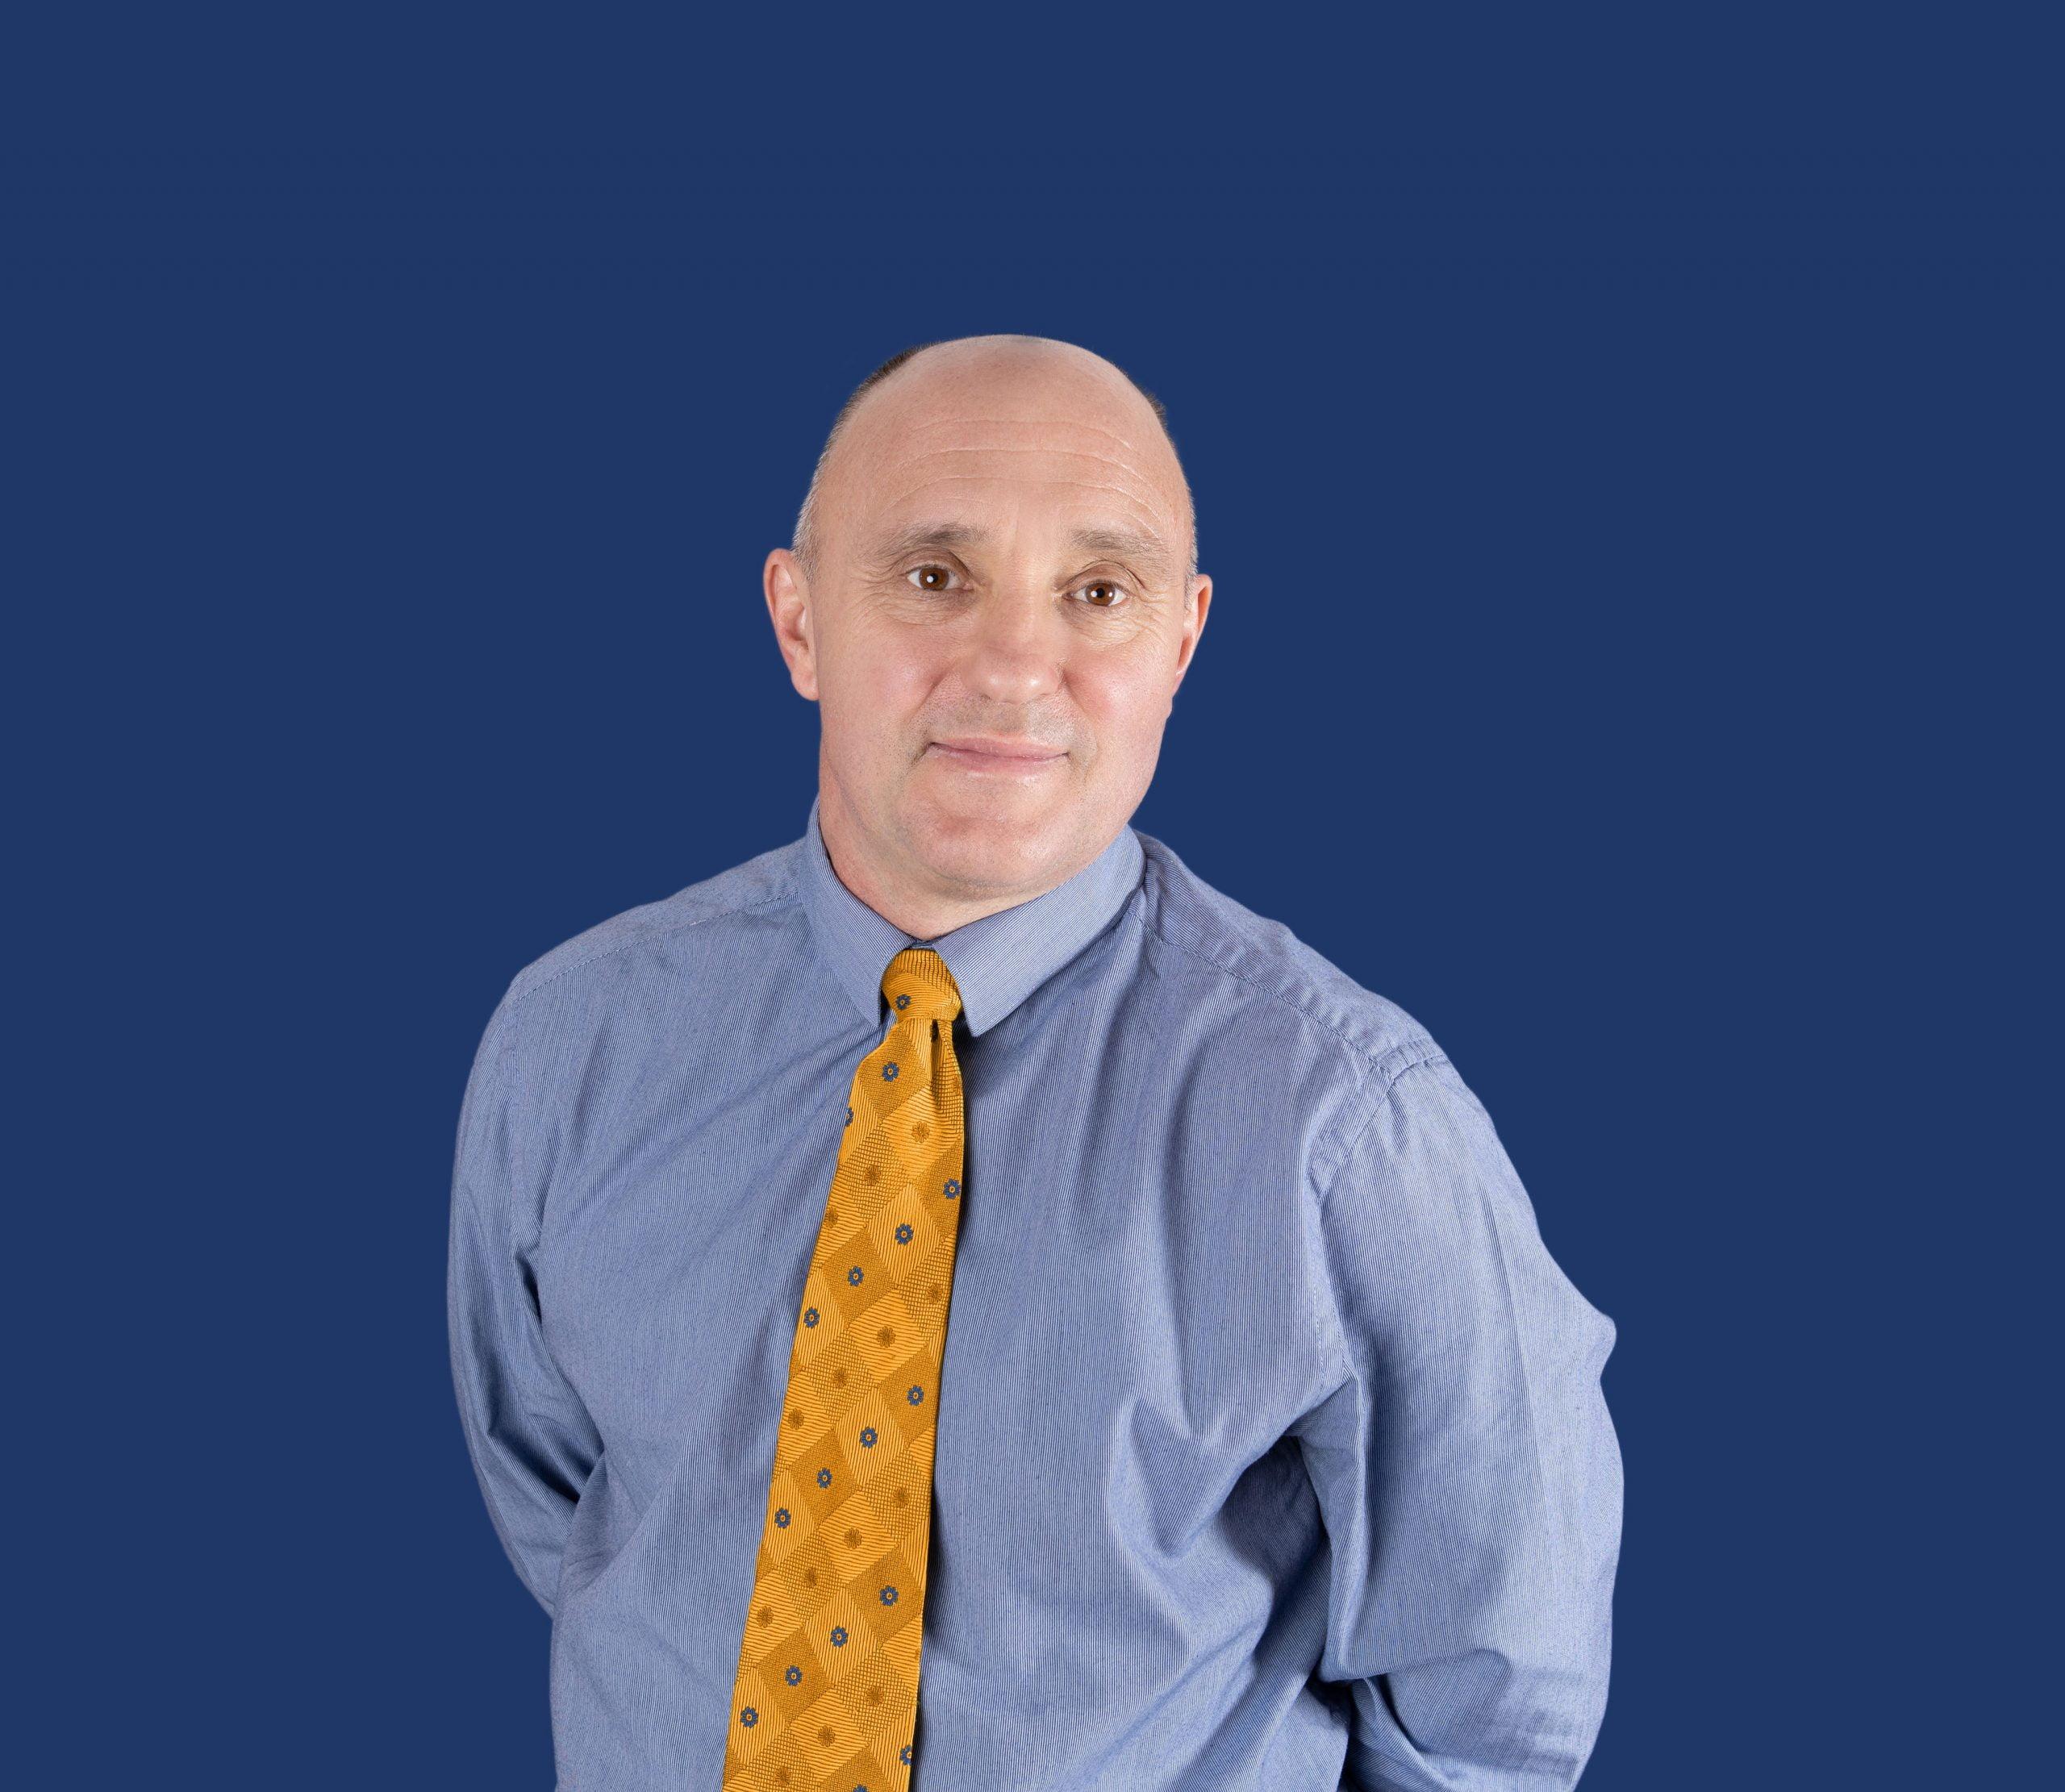 David Minihan